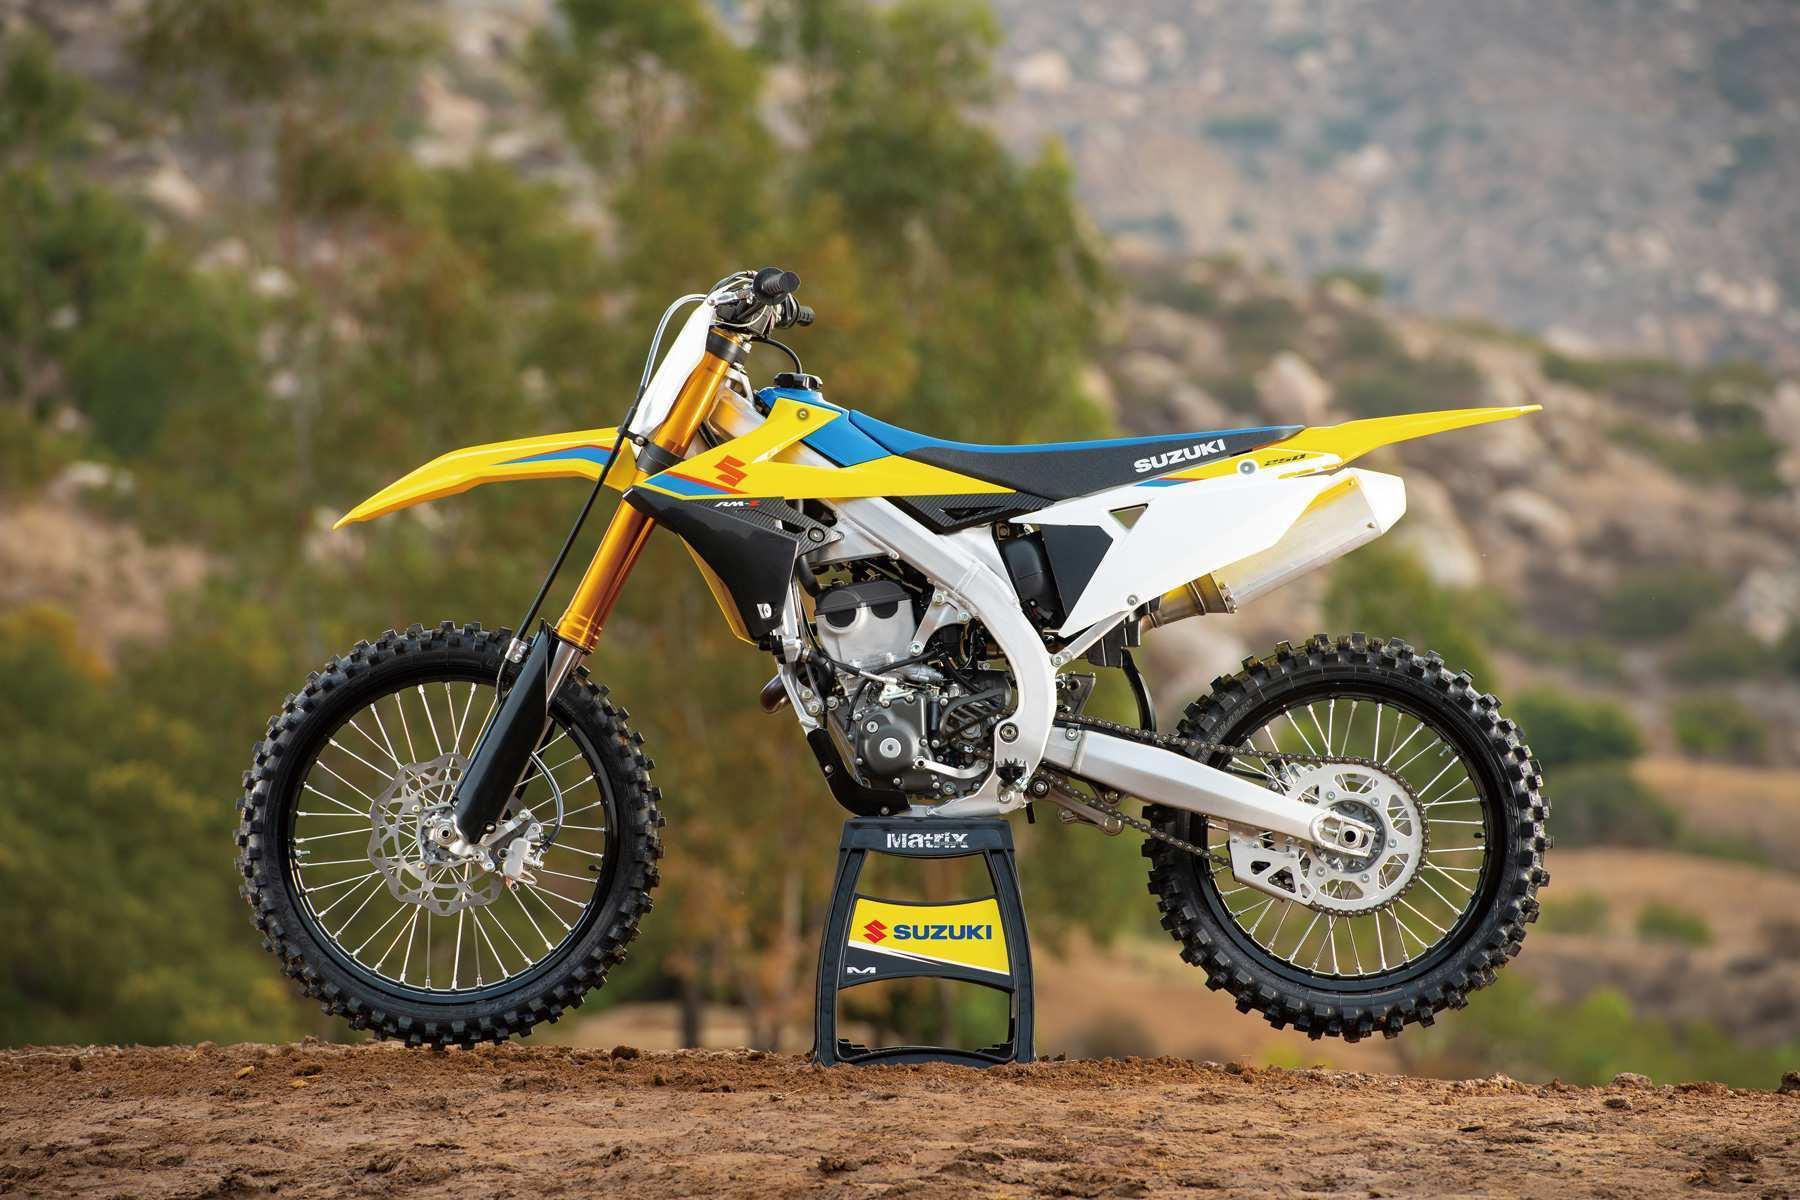 68 All New 2019 Suzuki Rm Specs for 2019 Suzuki Rm